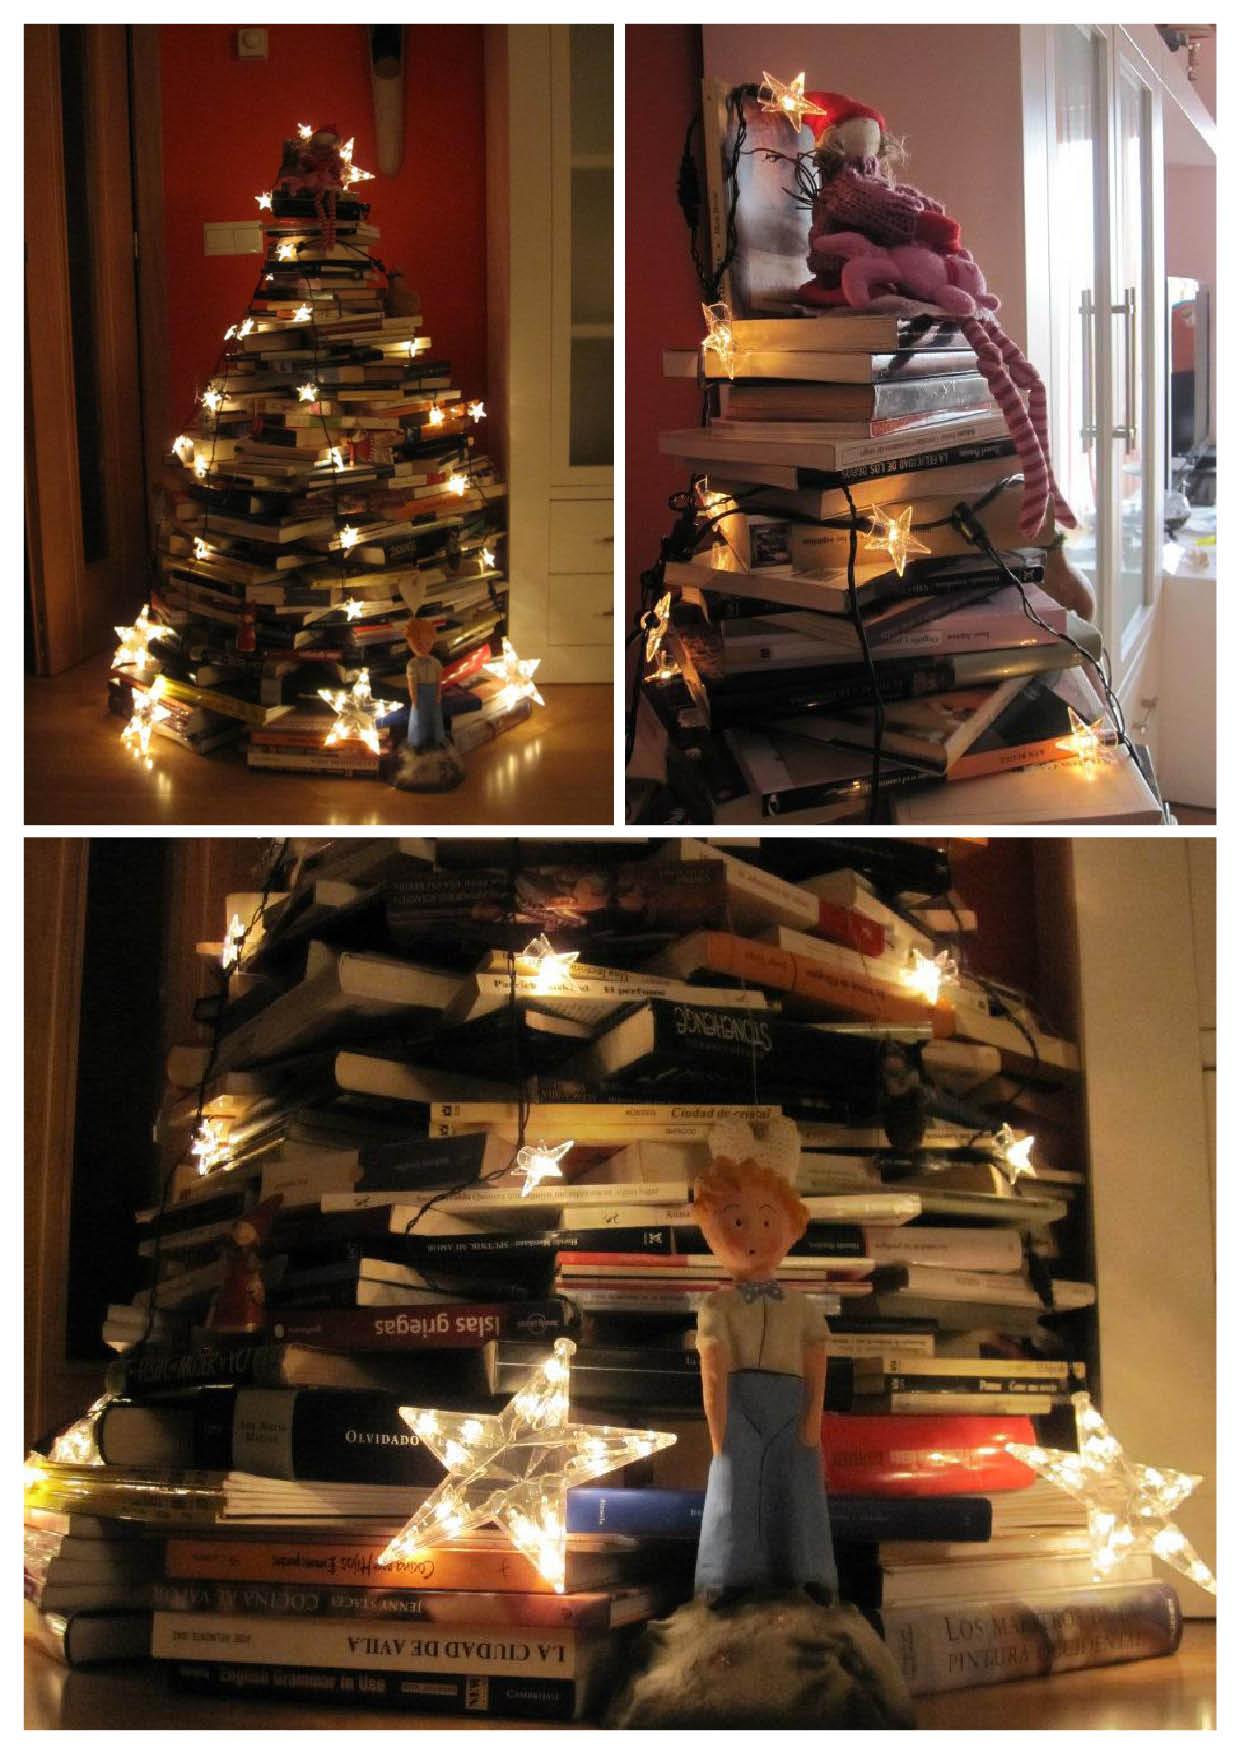 Árbol de Navidad de libros y luces